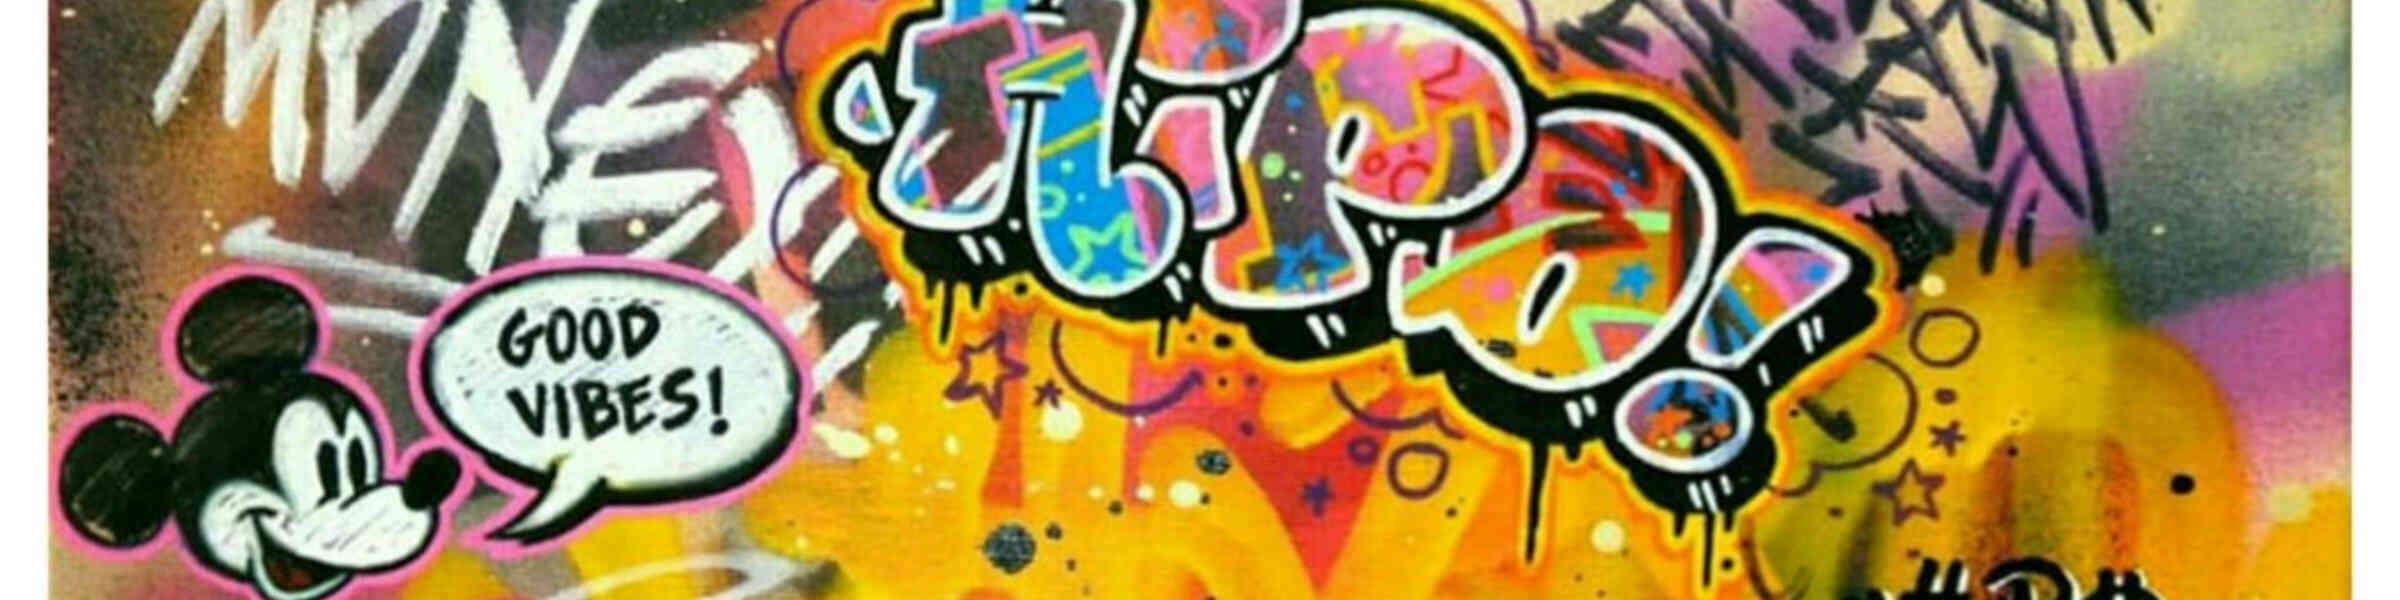 Artist shop banner image